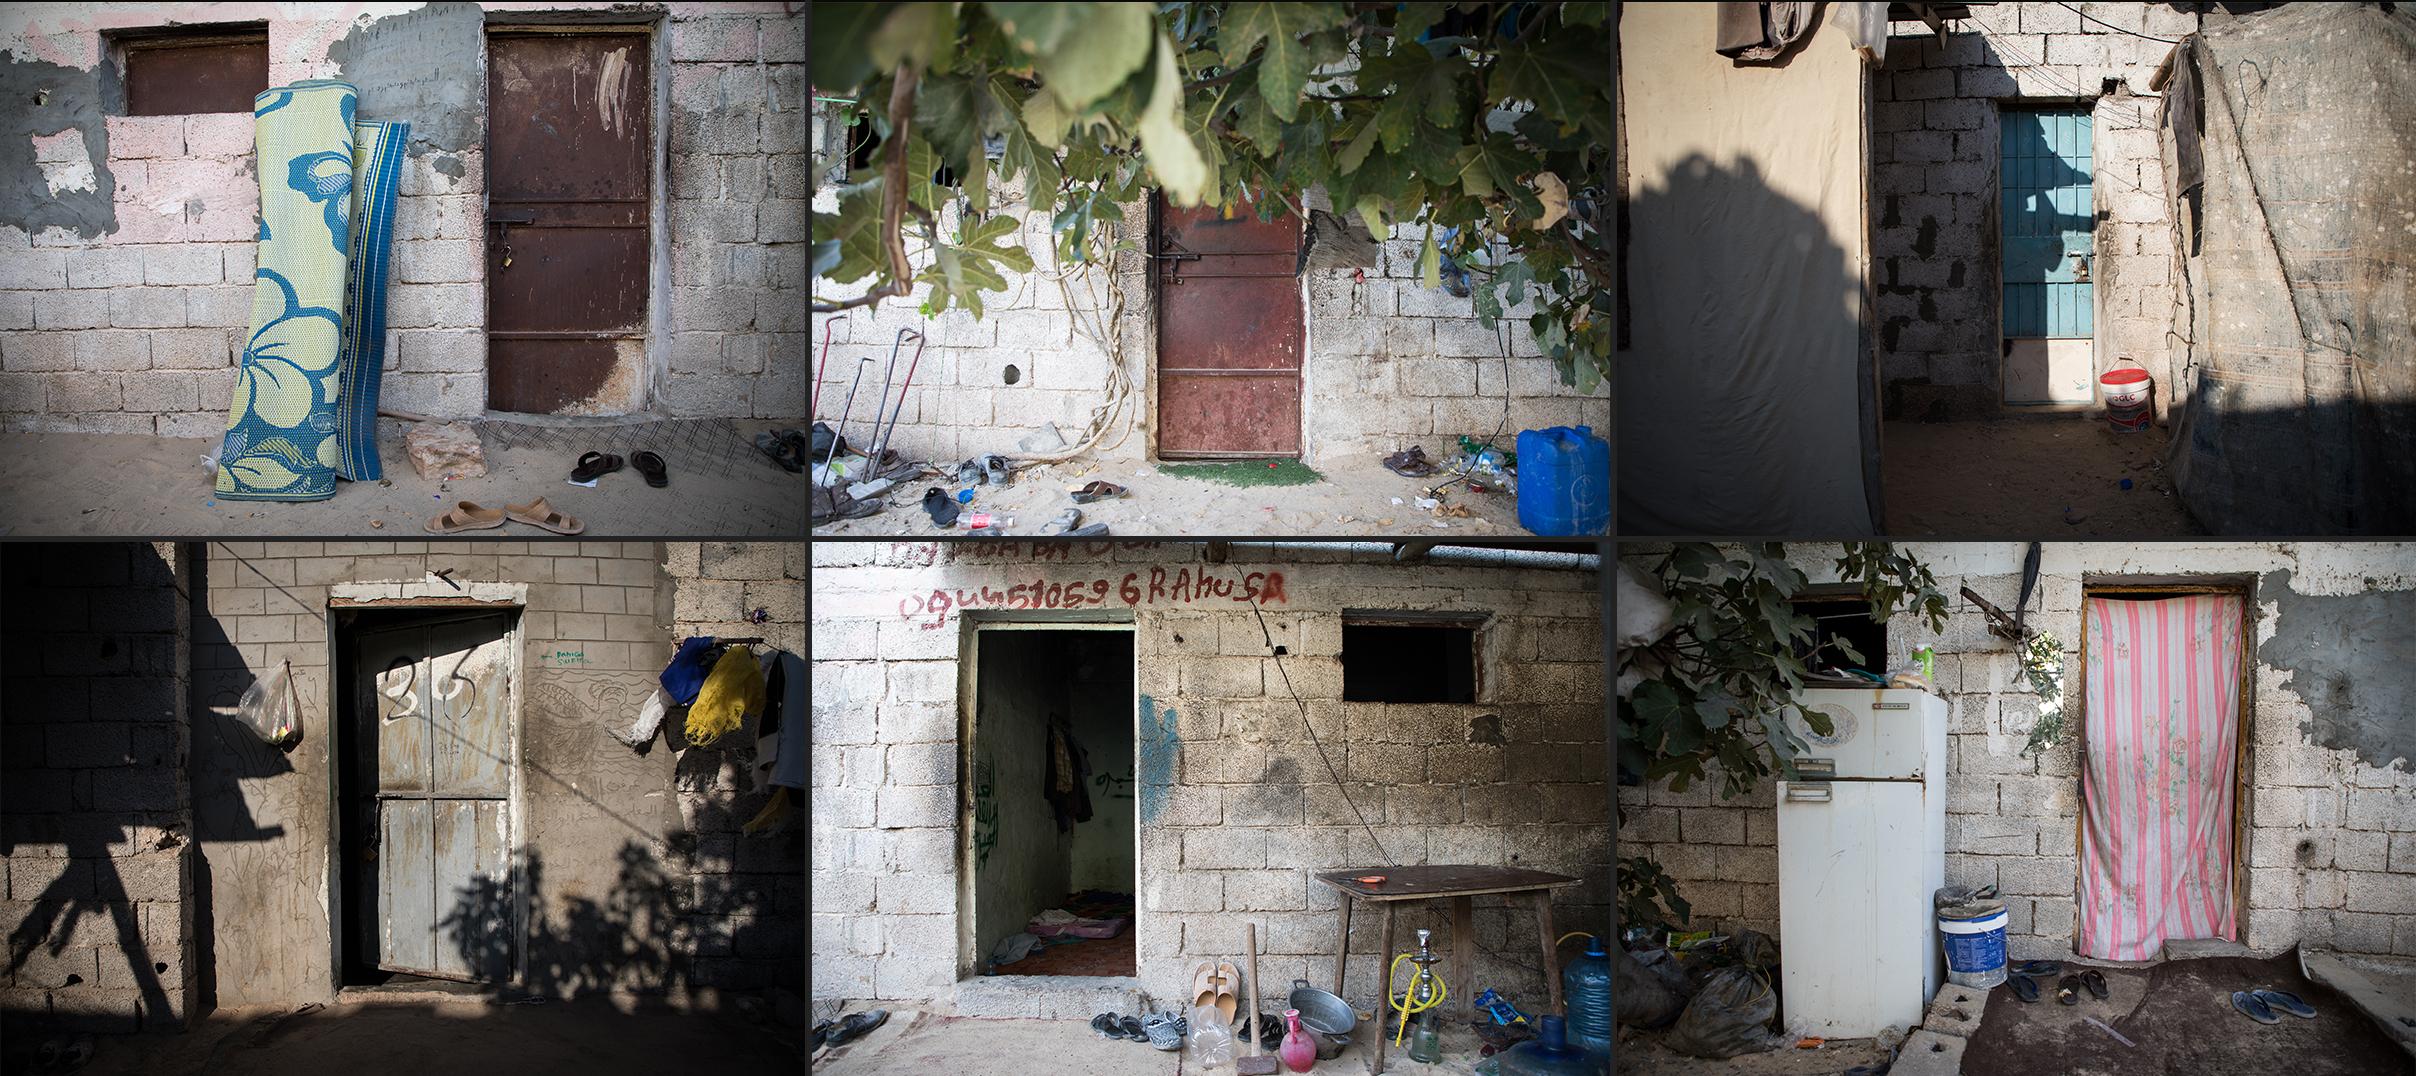 Derrière chacune de ces portes vivent 15 personnes, dans une pièce de près de 10 mètres carré. Le loyer total de la pièce s'élève à 150 dinars, soit 10 dinars par personne.Quartier d'Arouba. Misrata.